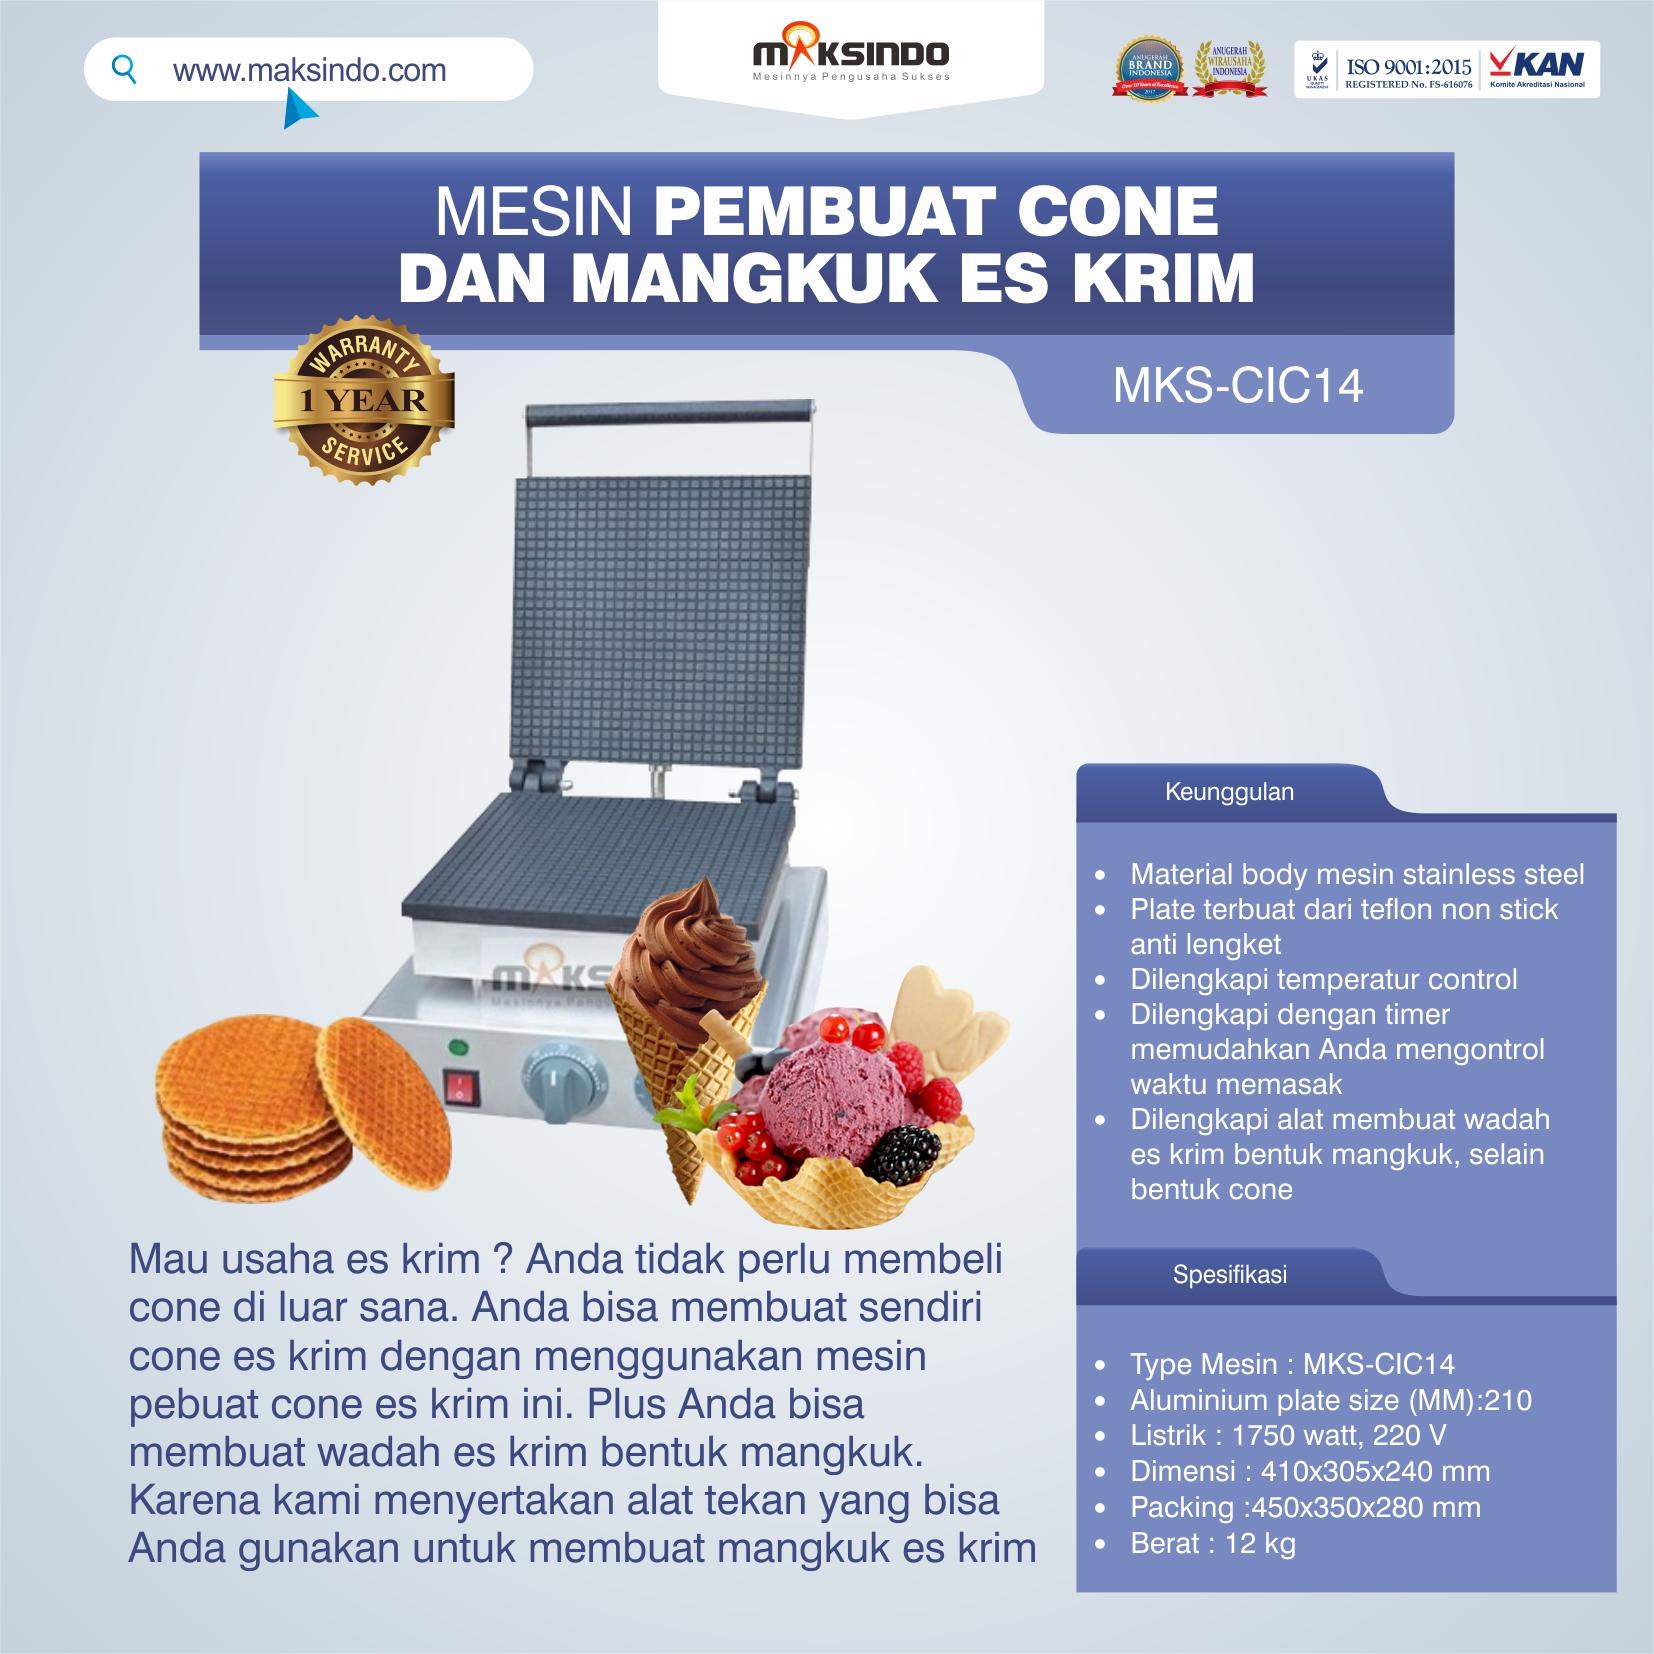 Jual Pembuat Cone dan Mangkuk Es Krim (CIC14) di Bekasi